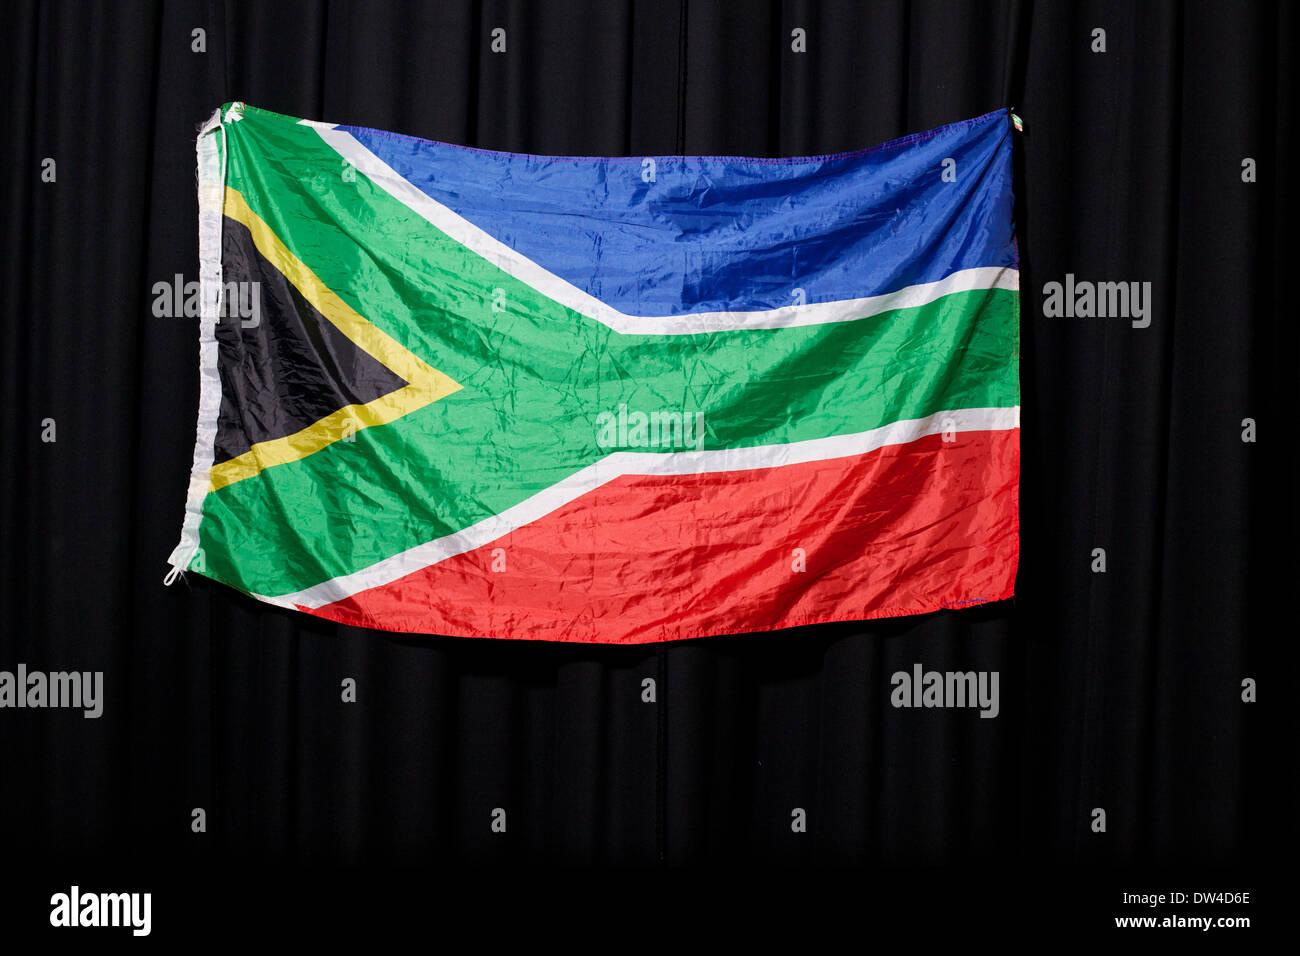 Bild von der südafrikanischen Flagge auf einem schwarzen Hintergrund Stockfoto